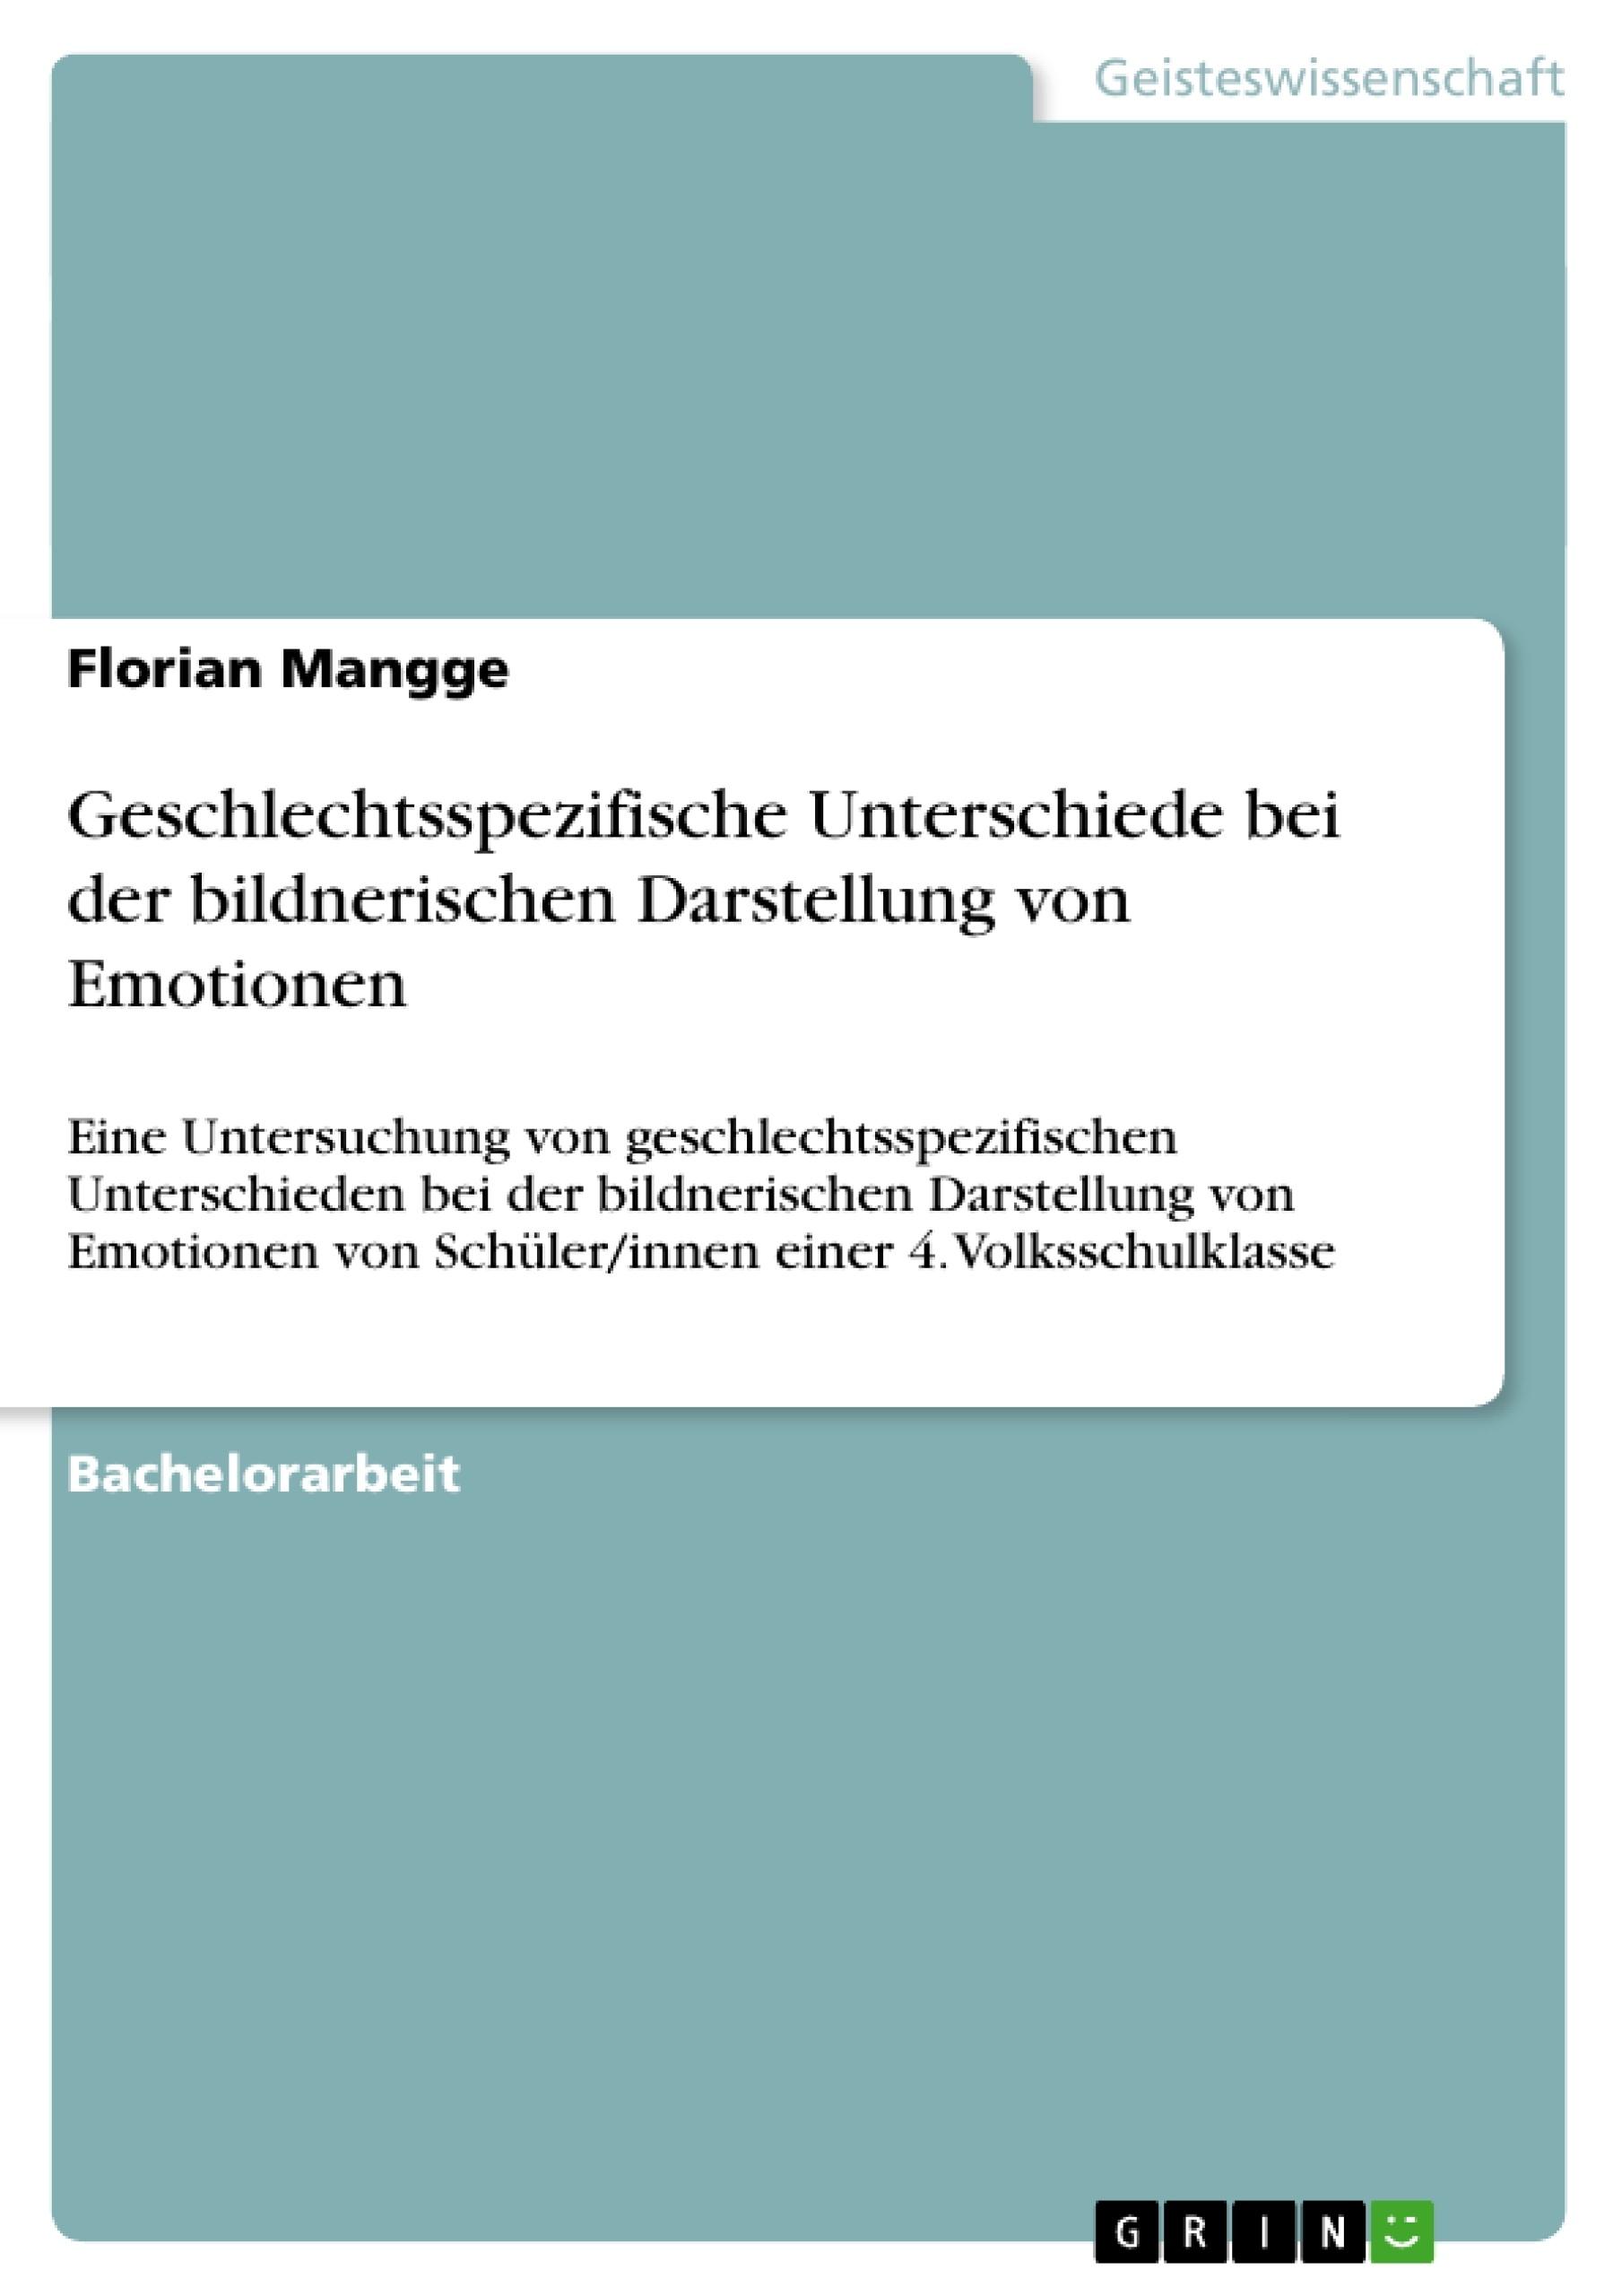 Titel: Geschlechtsspezifische Unterschiede bei der bildnerischen Darstellung von Emotionen